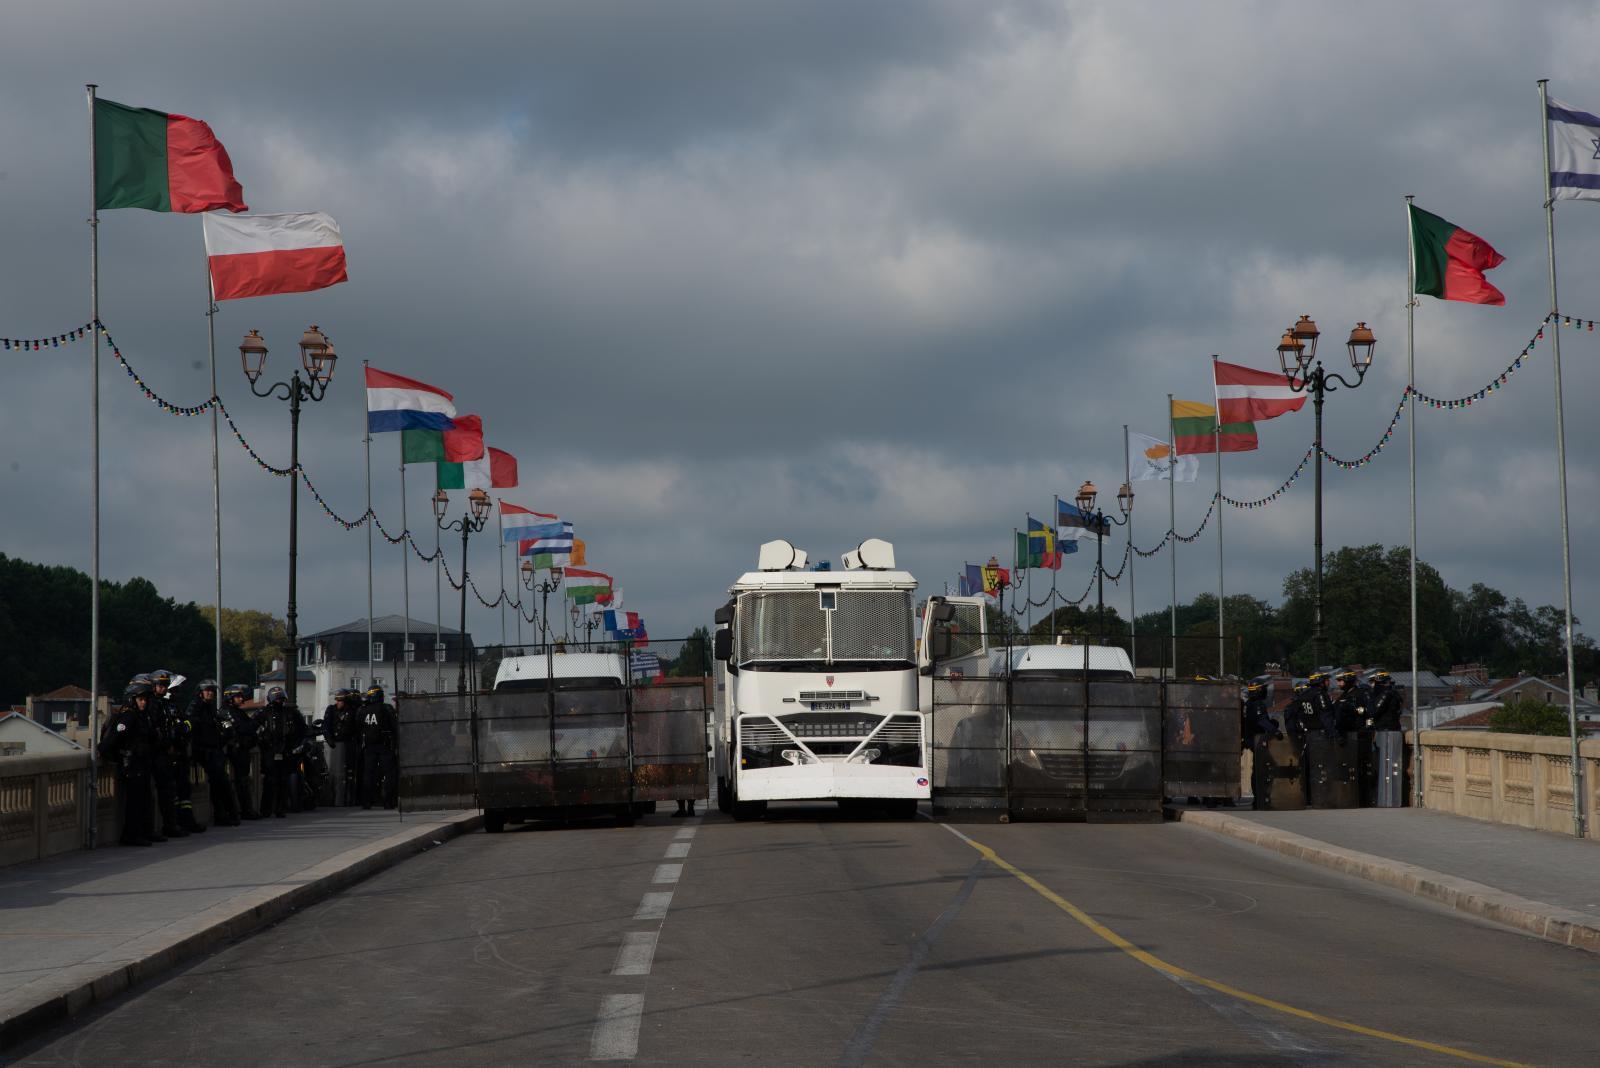 Samedi 24 août 2019. Blocage d'un pont à Bayonne par un camion à eau. [G7 2019 de Biarritz]